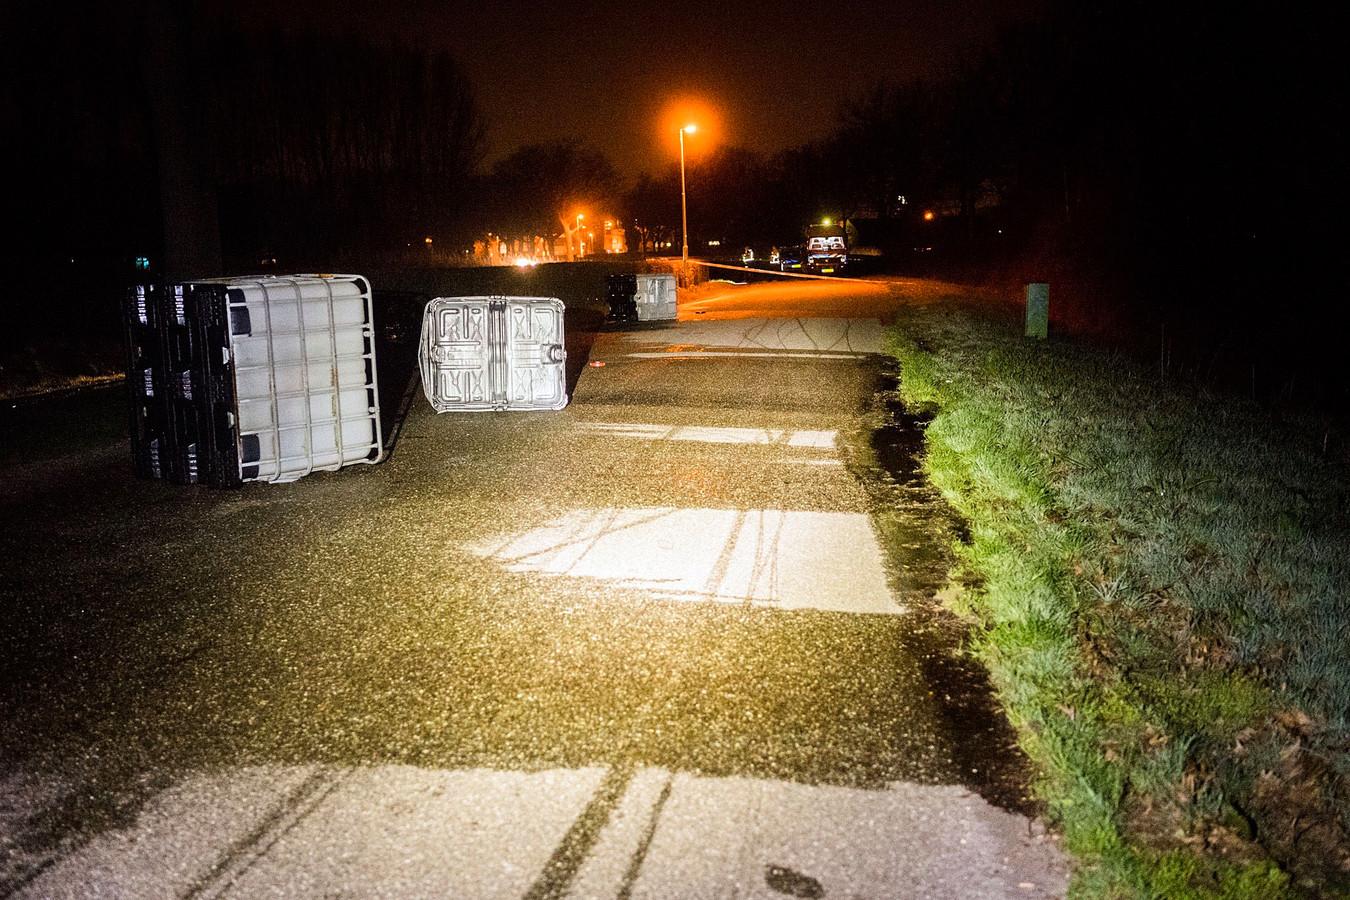 Tussen Eindhoven en Son werden in maart 2019 drie vaten van duizend liter met drugsafval uit een vrachtauto gegooid.